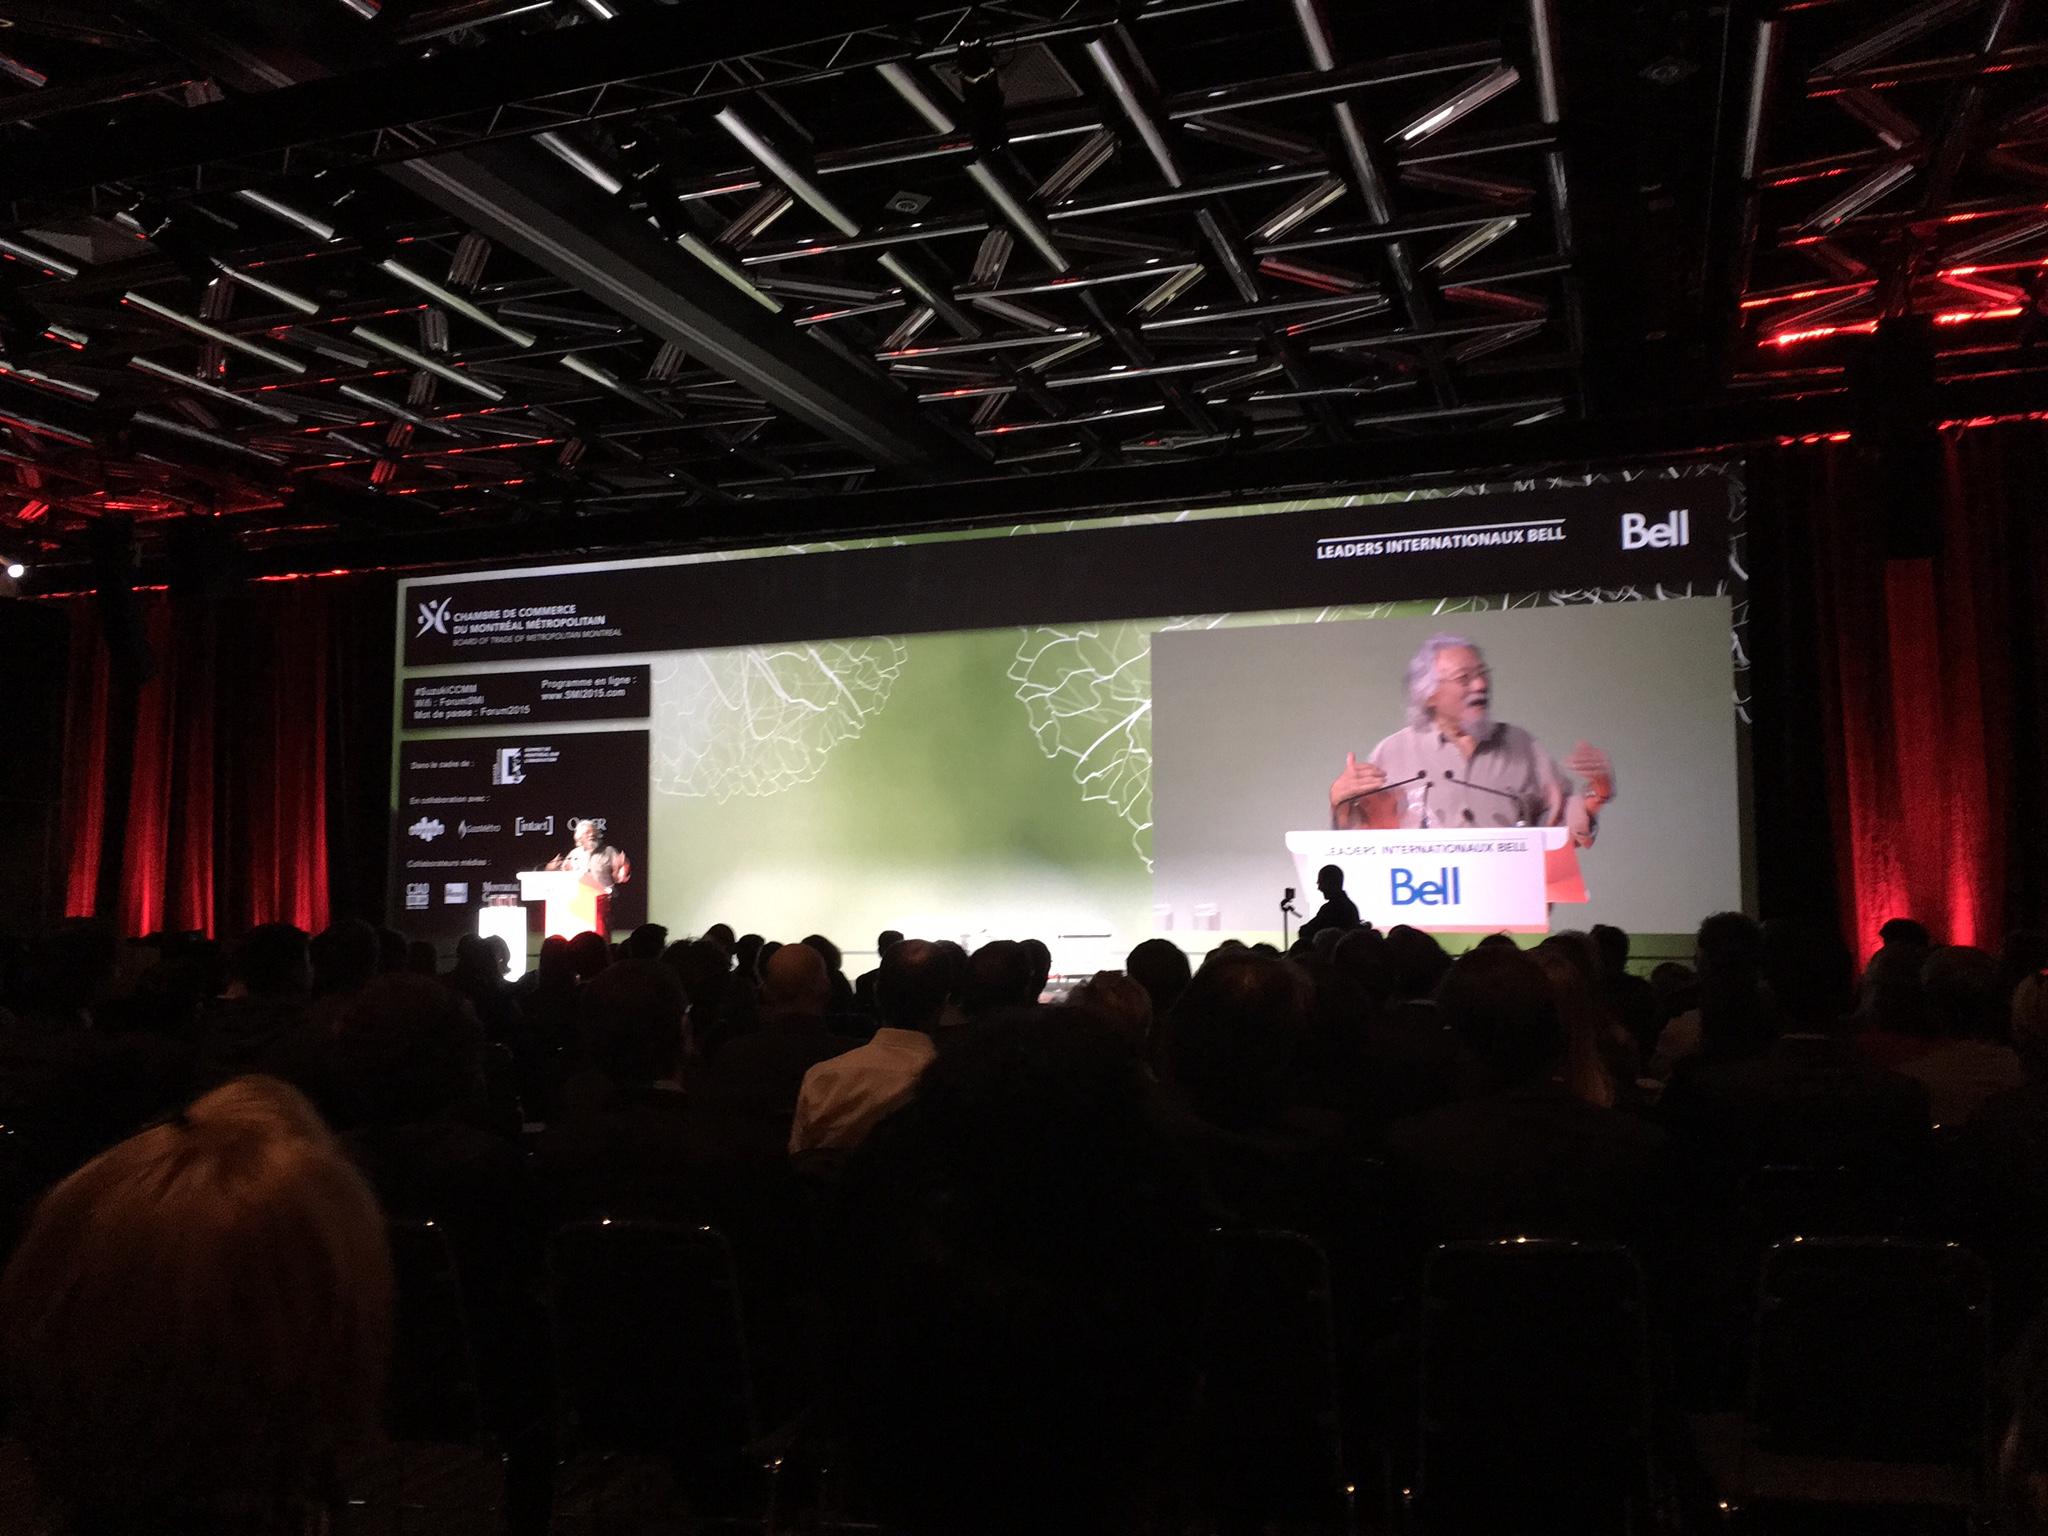 Conférence de David Suzuki à Montréal, 30 novembre 2016.Apprendre de la nature par Sylvie Gendreau, Votre laboratoire créatif.